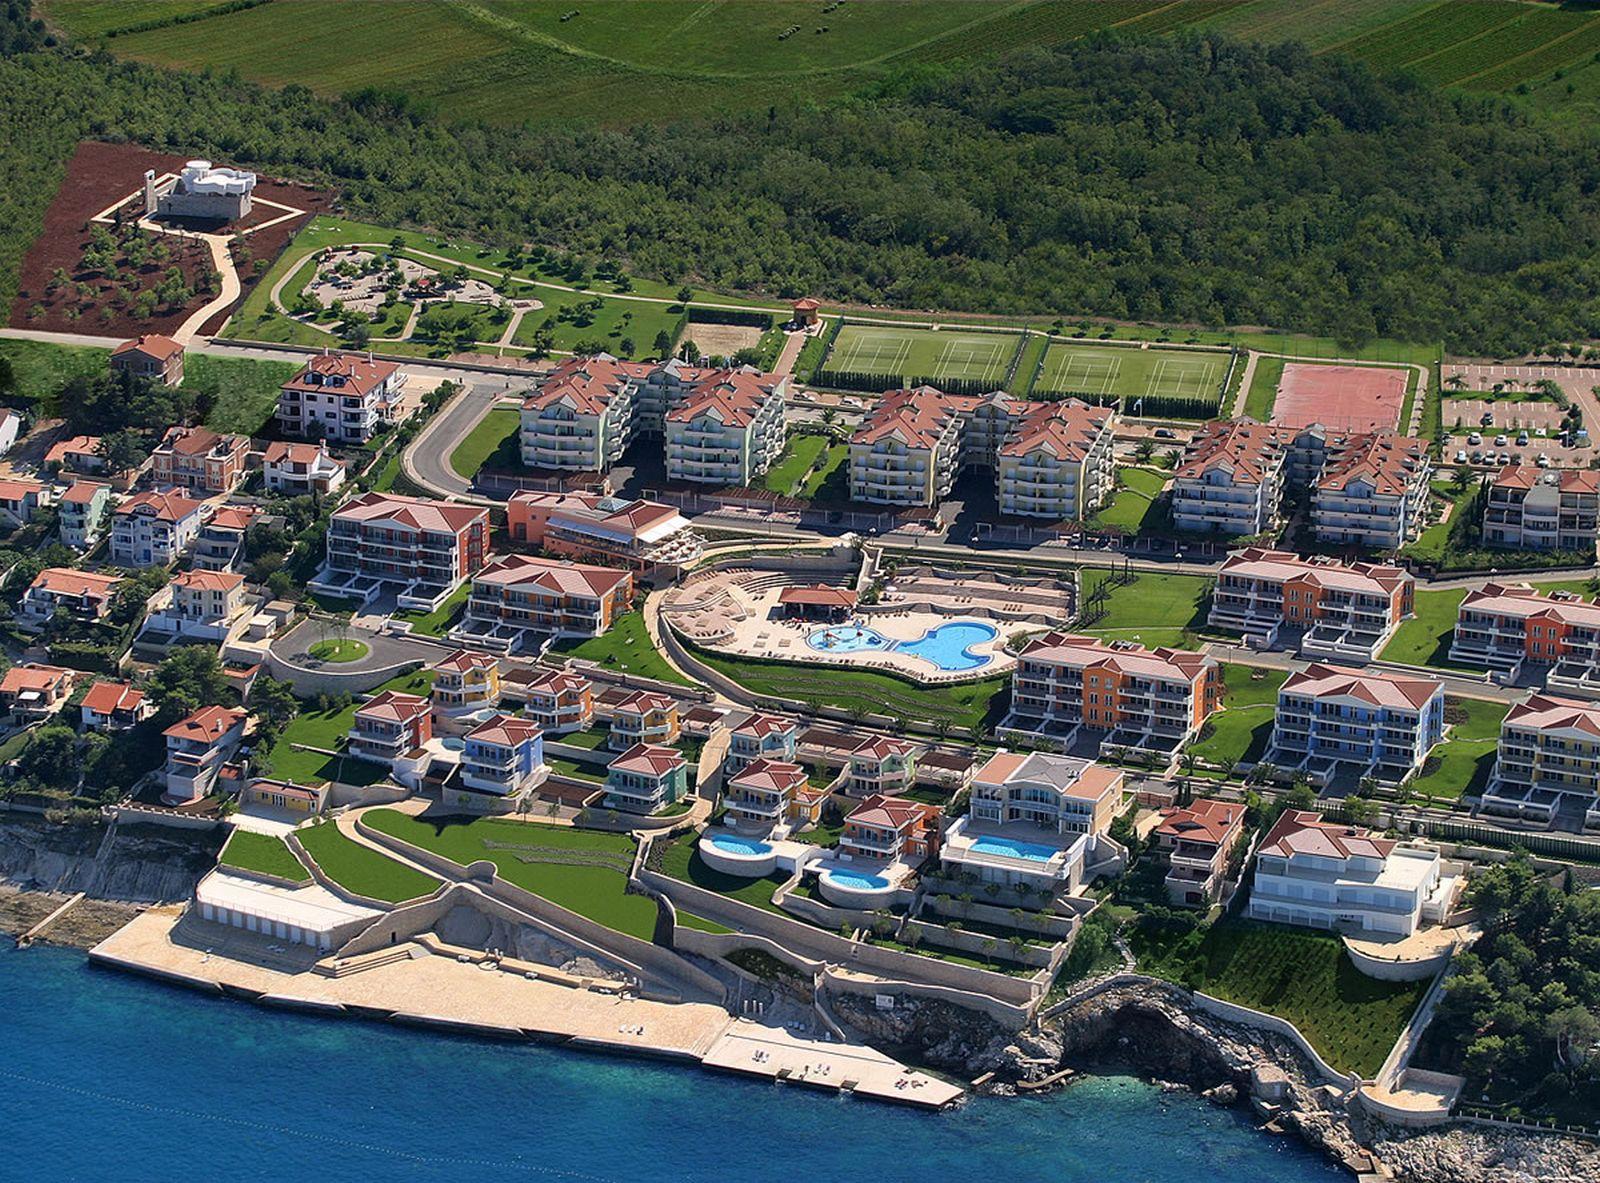 Operativni dubinski snimak i procjena vrijednosti imovine Skiper Resorta Savudrija, Hrvatska